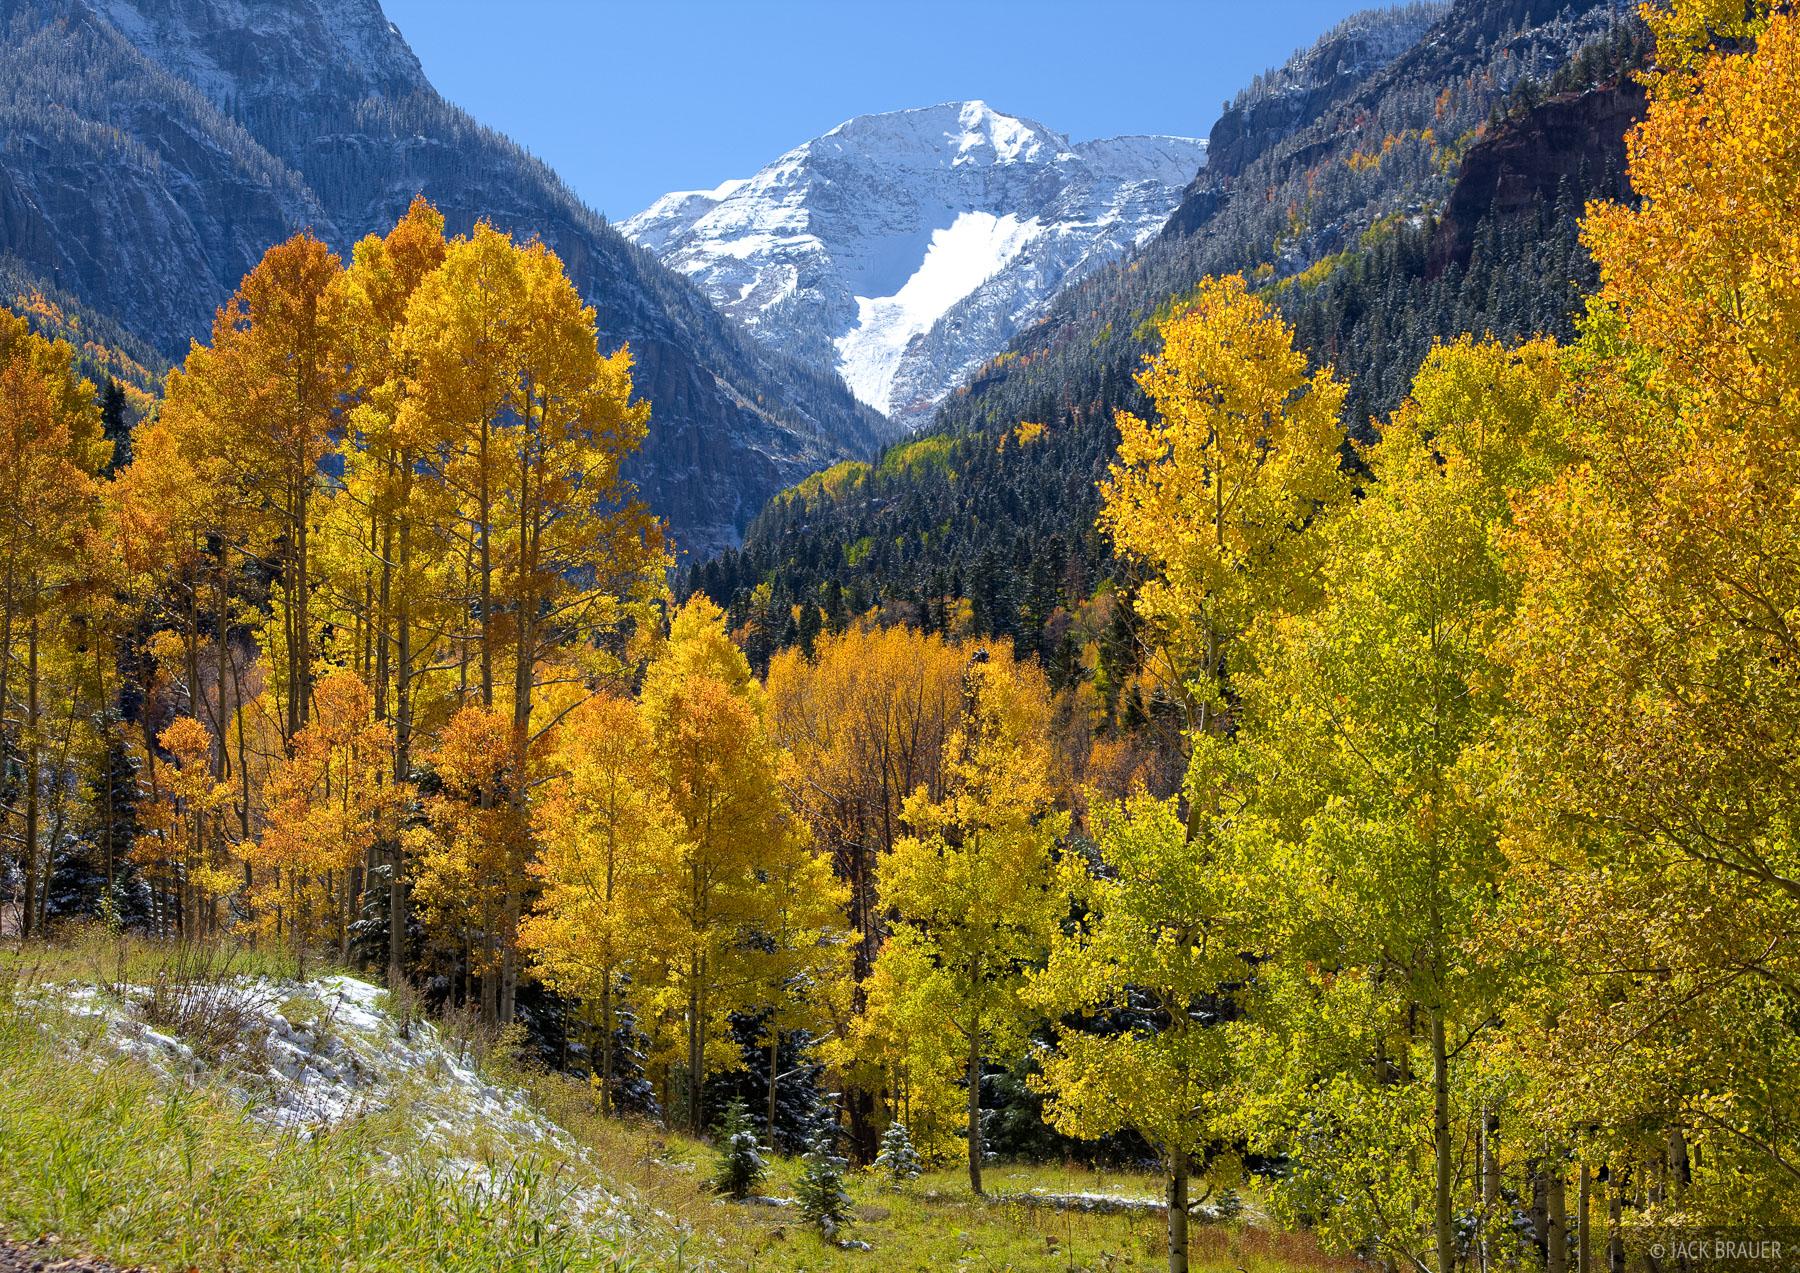 San Juan Mountains, Colorado, autumn, aspens, United States Mountain, Camp Bird, photo